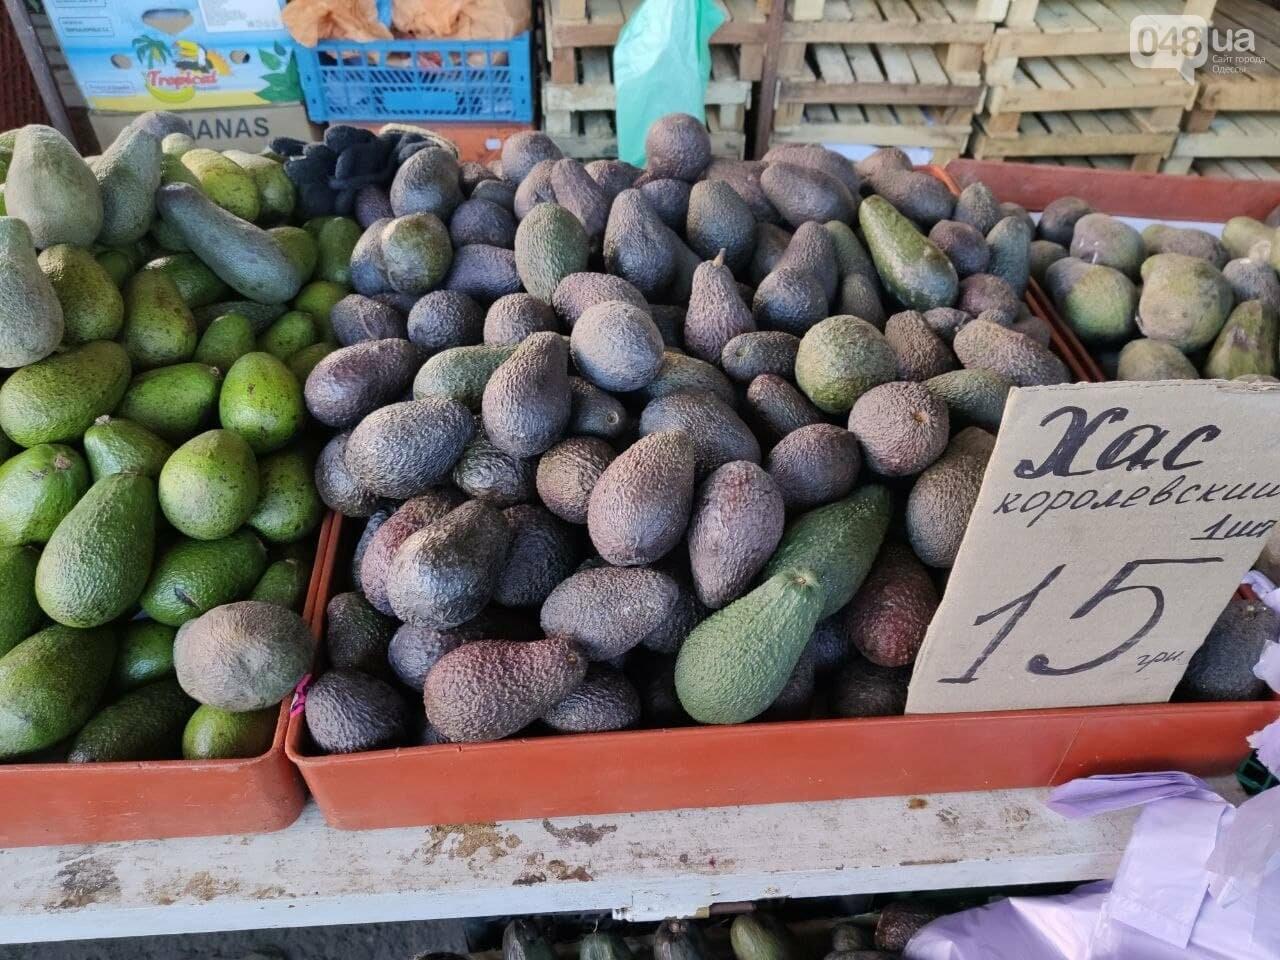 Огурцы, баклажаны, манго: почем на одесском Привозе фрукты и овощи, - ФОТО, фото-3